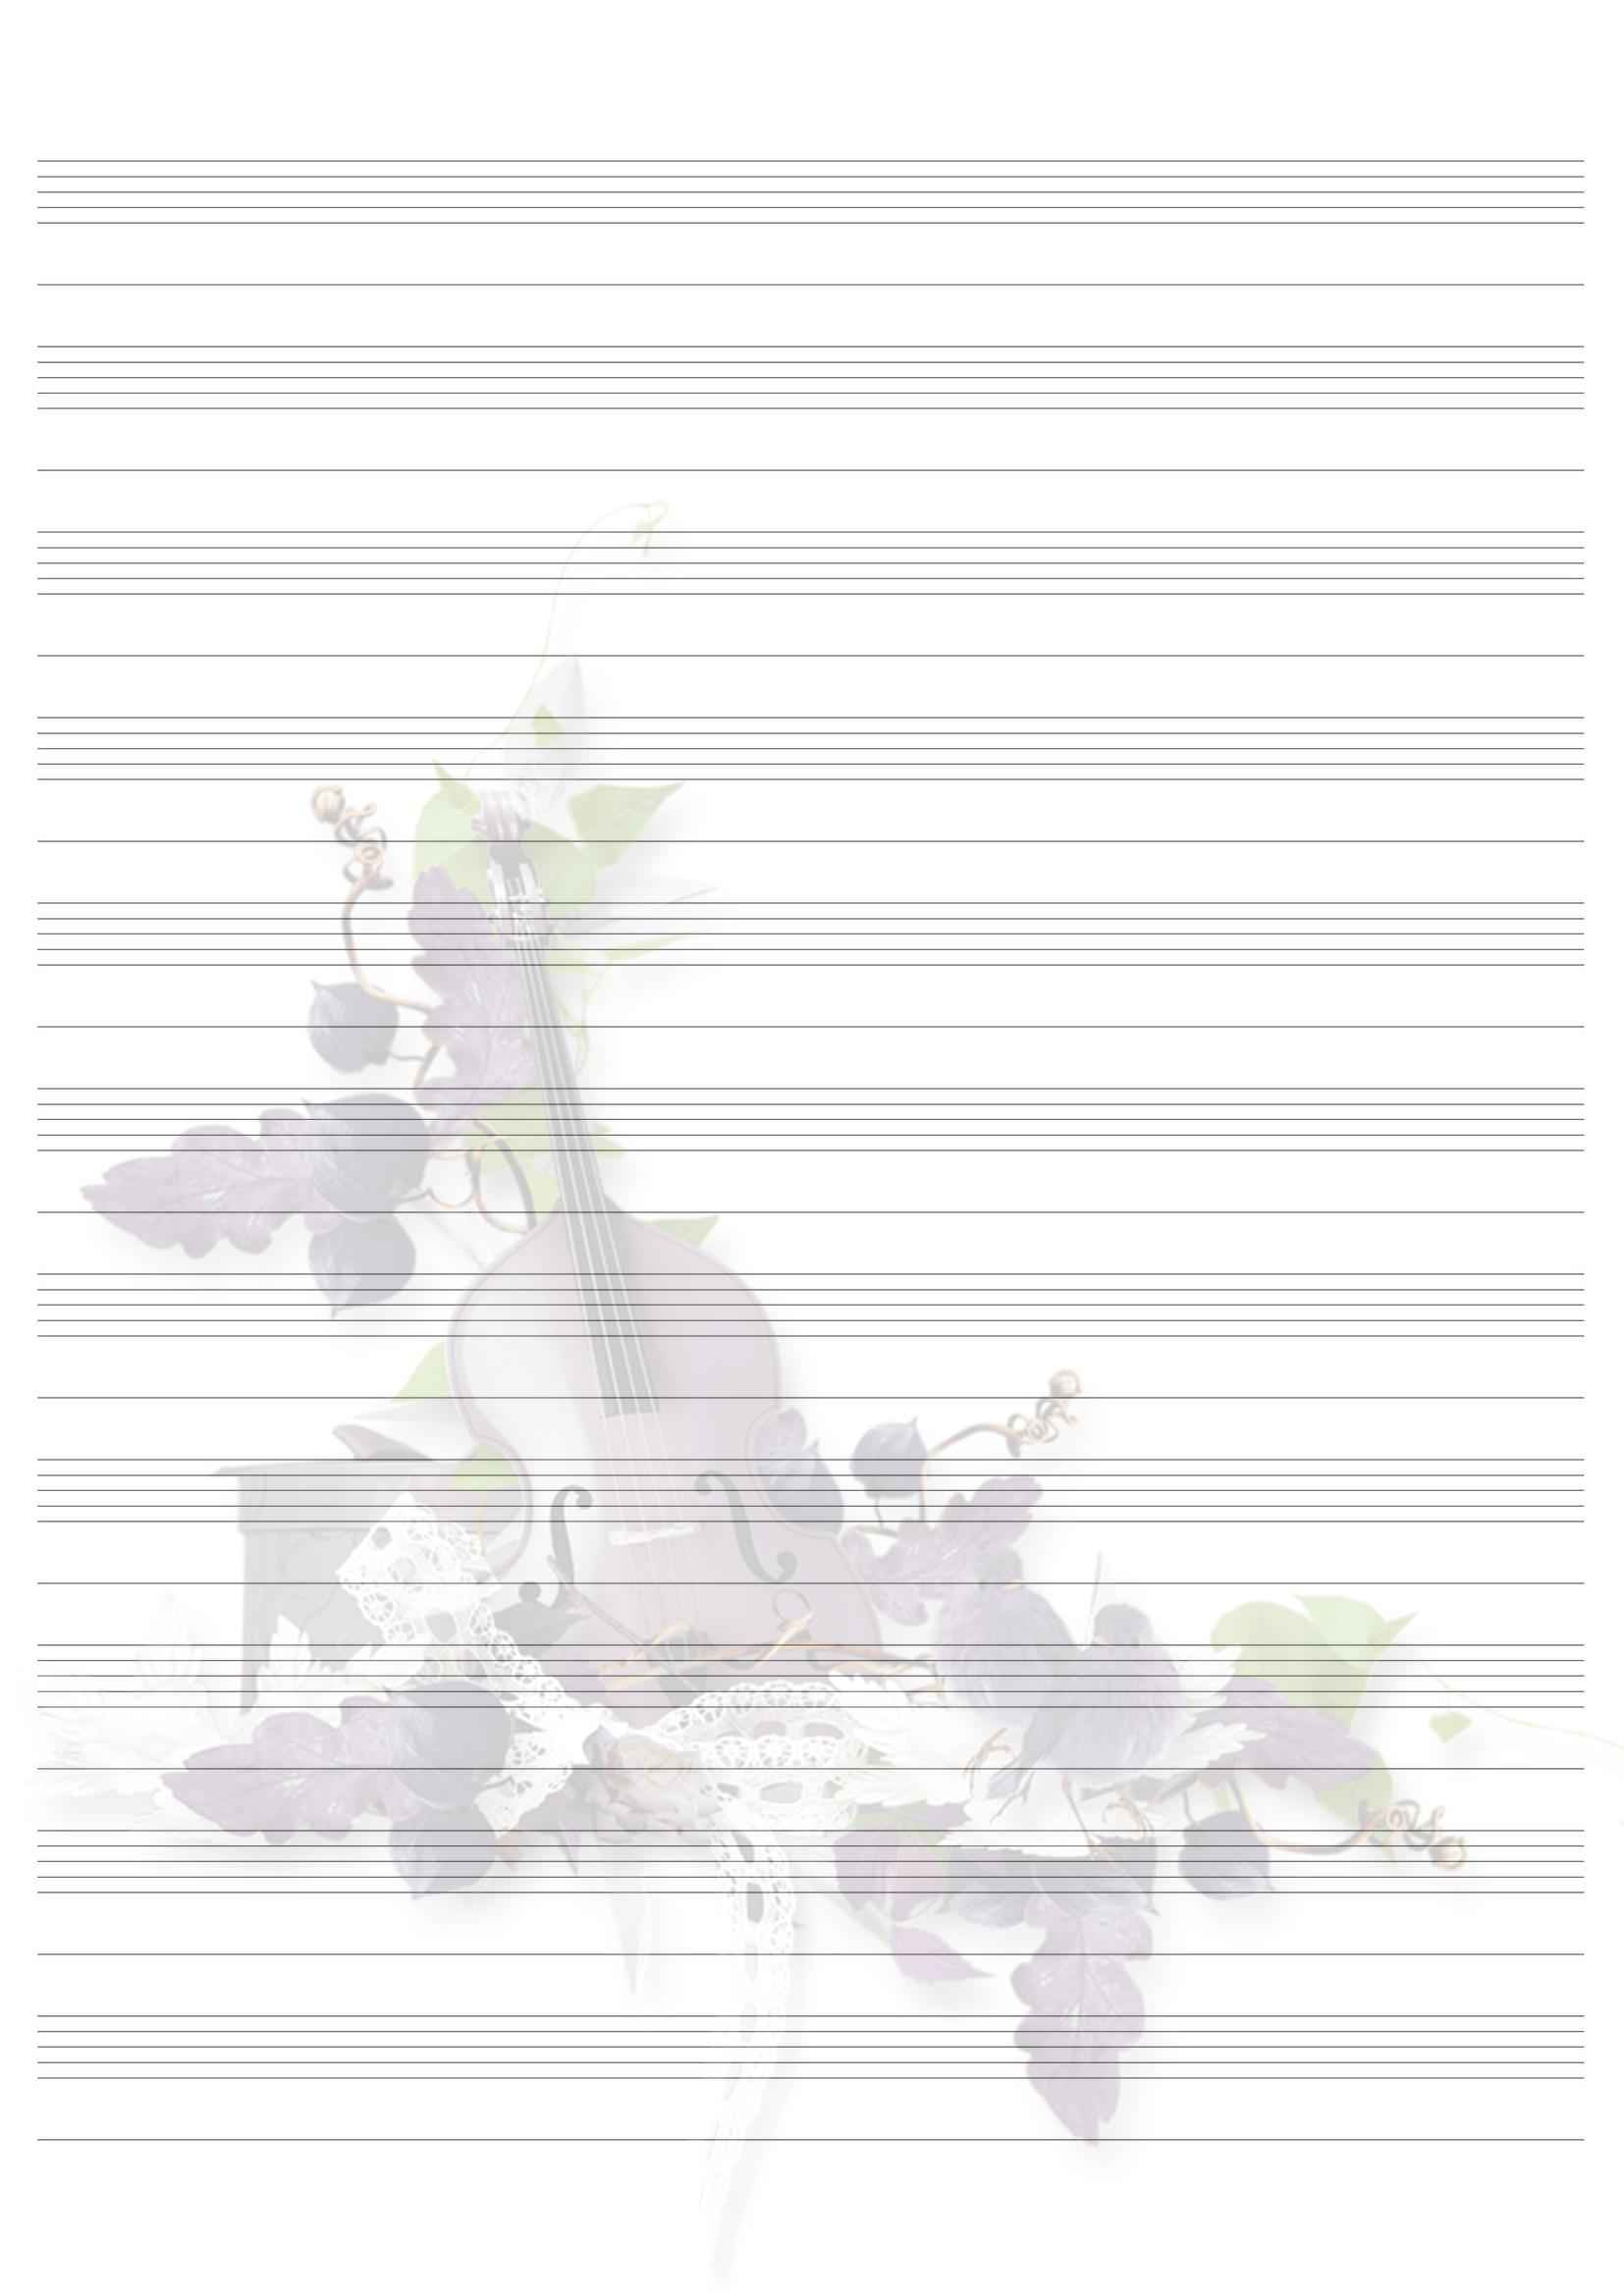 papier-musique-illustre